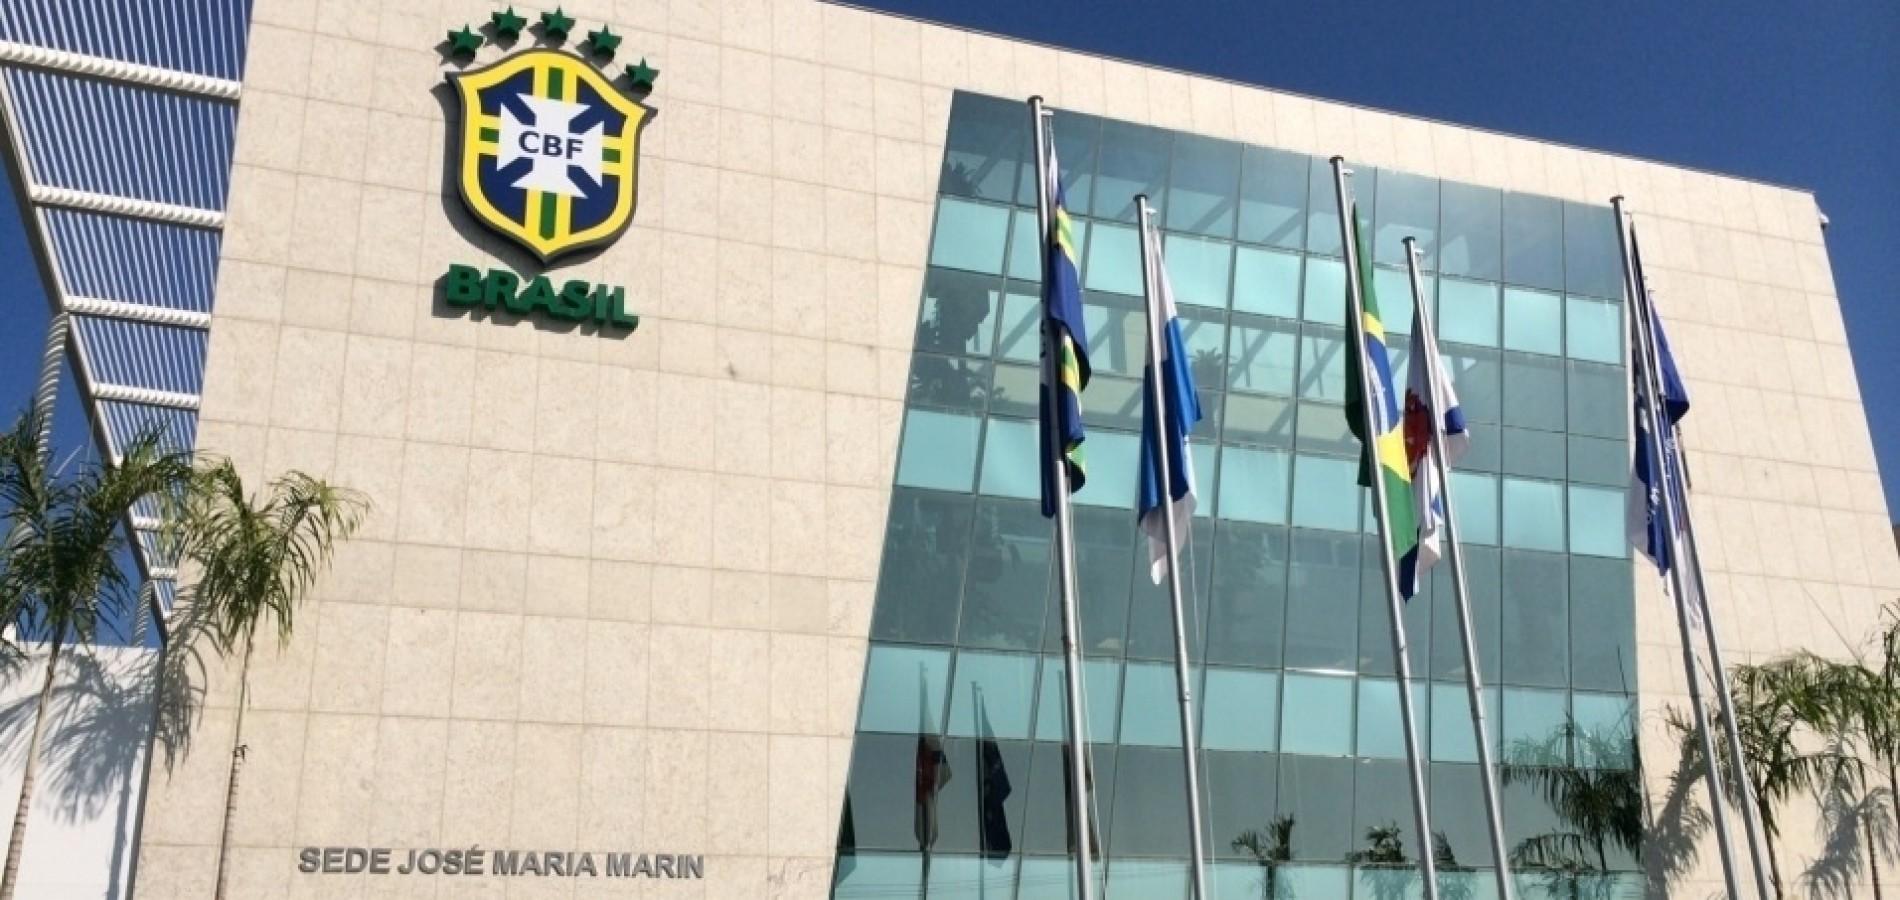 Por segurança, CBF determina torcida única para Palmeiras x Flamengo